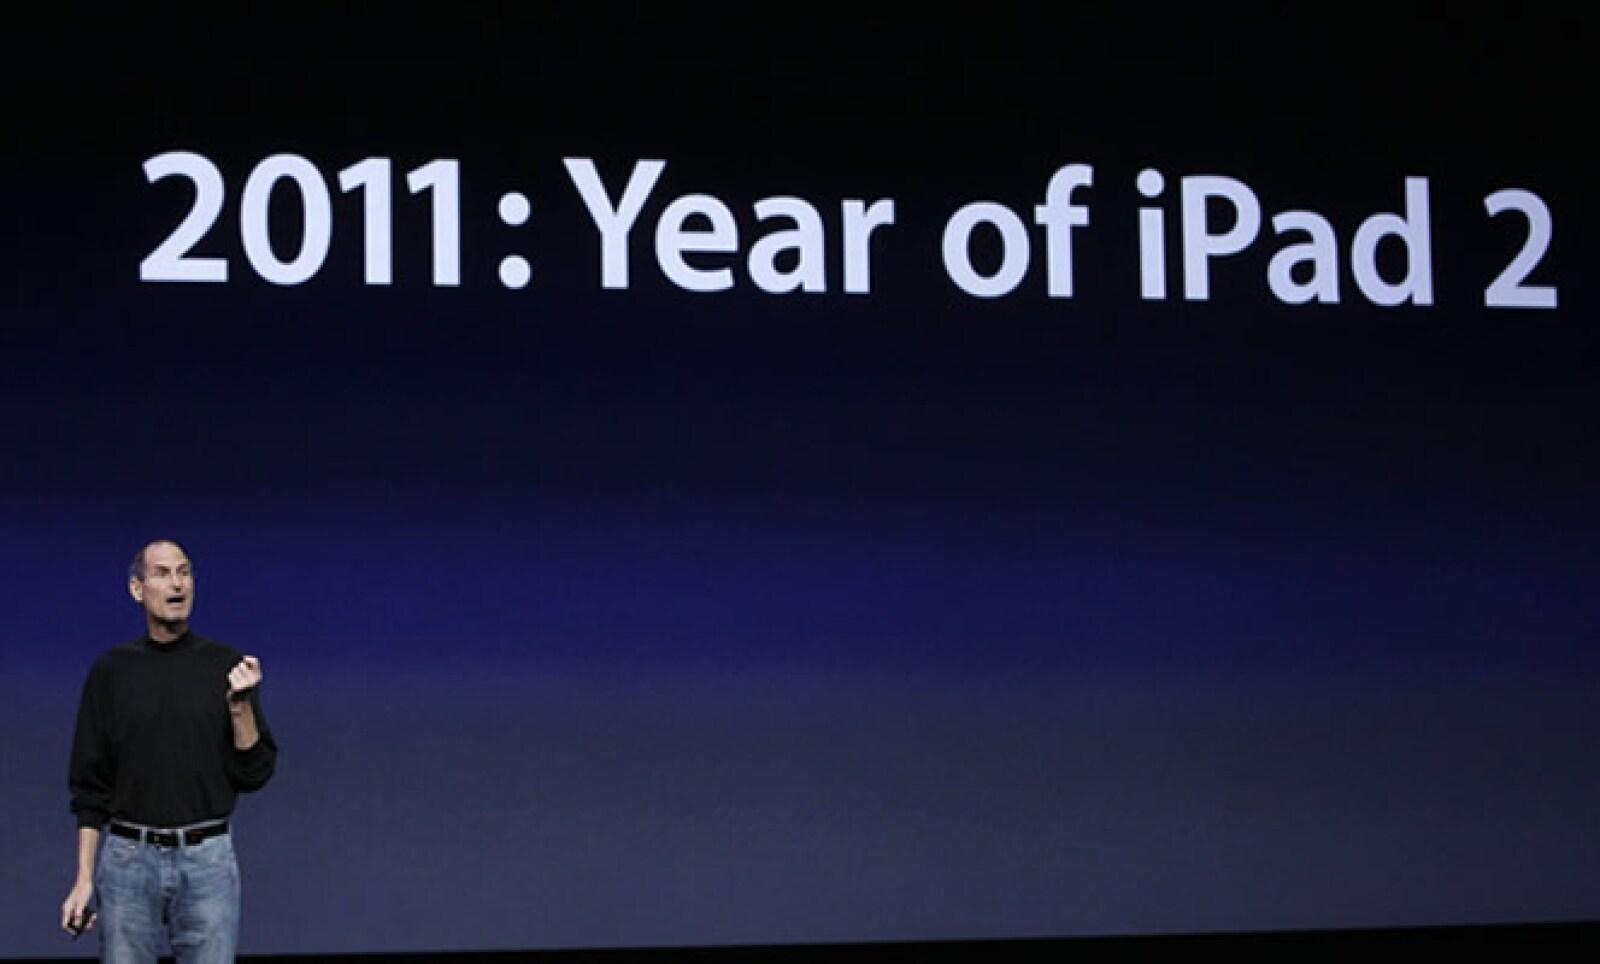 Lo que el público quería ver, una iPad 2 más delgada, pero incluso lo será más que un iPhone 4.